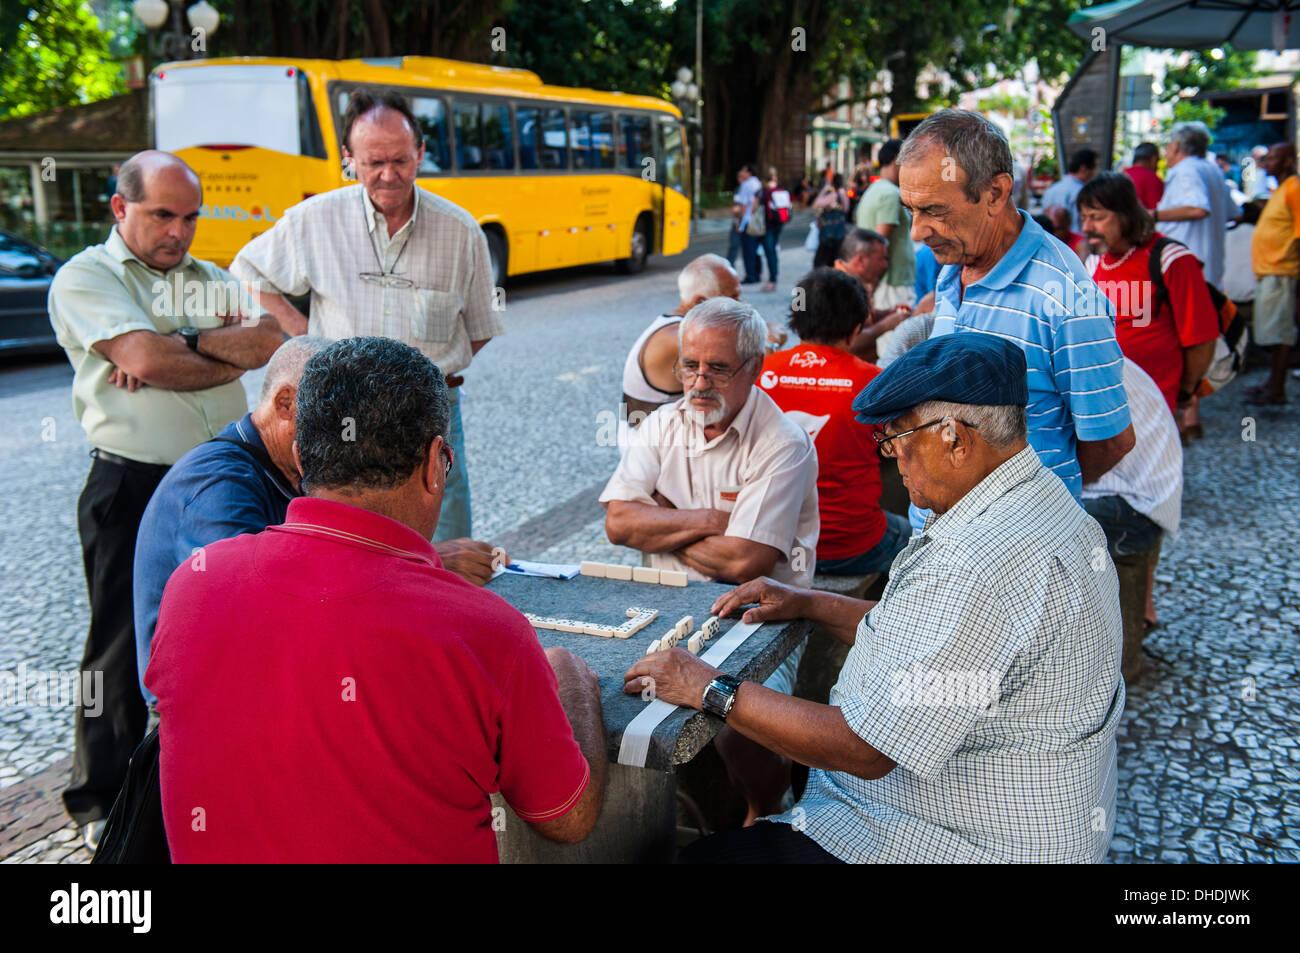 Gli uomini la riproduzione di domino nel centro di Florianópolis. Stato di Santa Catarina, Brasile Immagini Stock